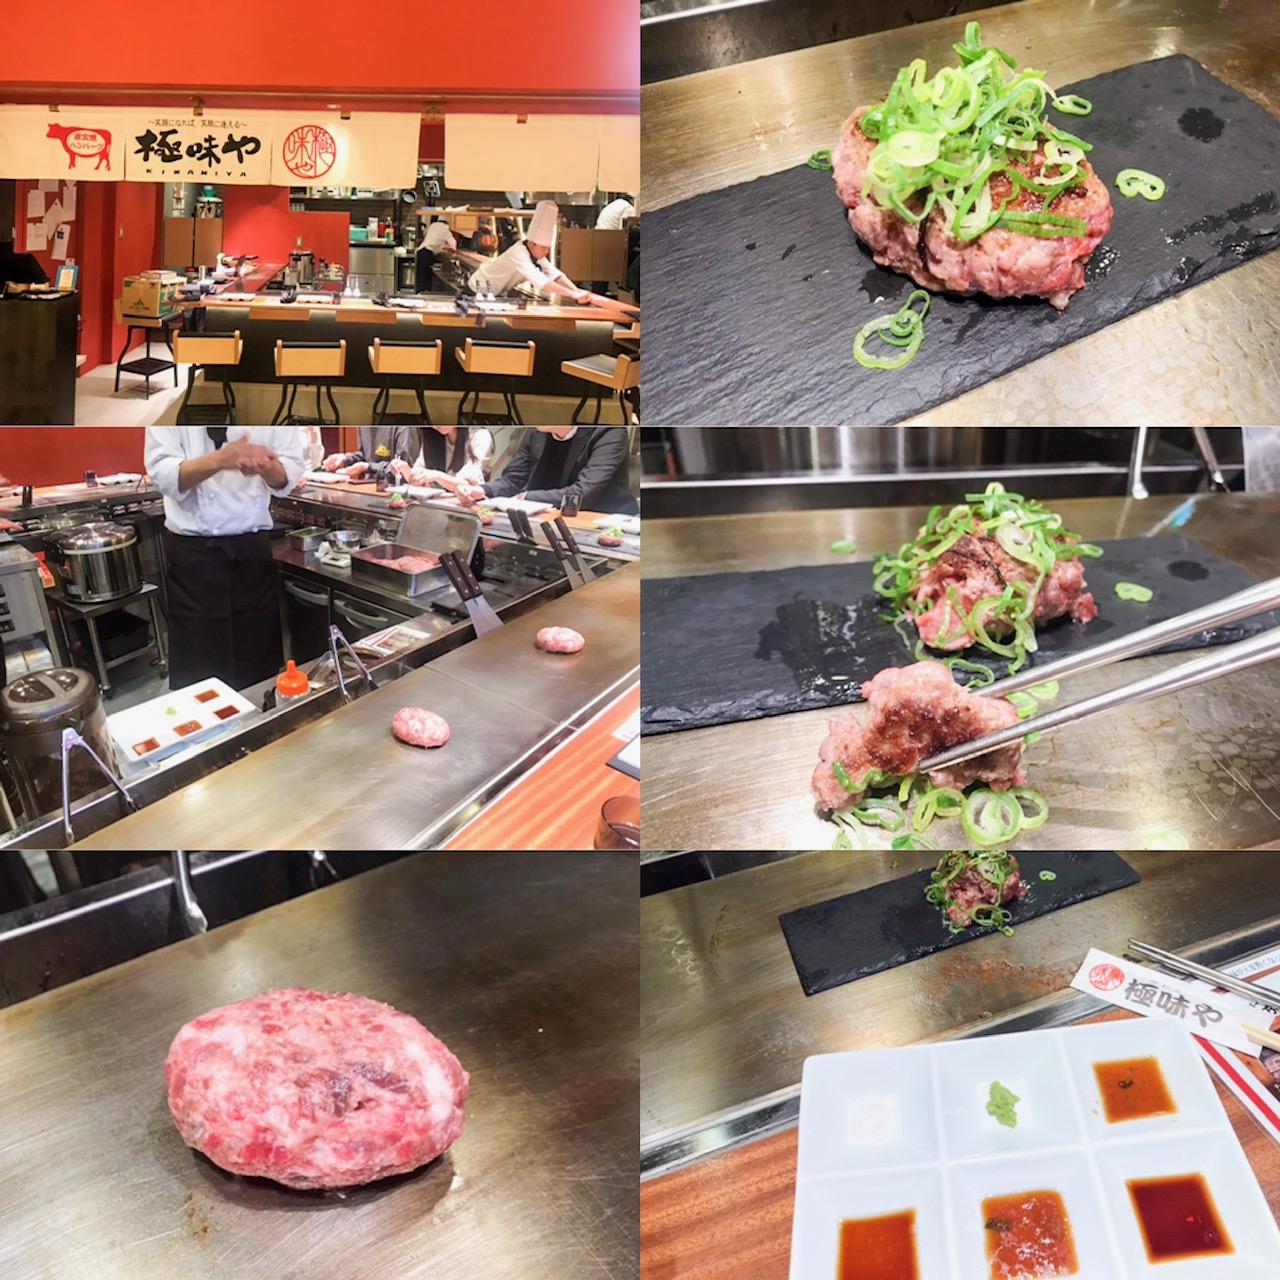 『渋谷PARCO』のおすすめグルメ7選。「未来日本酒店」や「ON THE CORNER」、限定コラボカフェ「U-FES. FOOD PARADE」も!_1